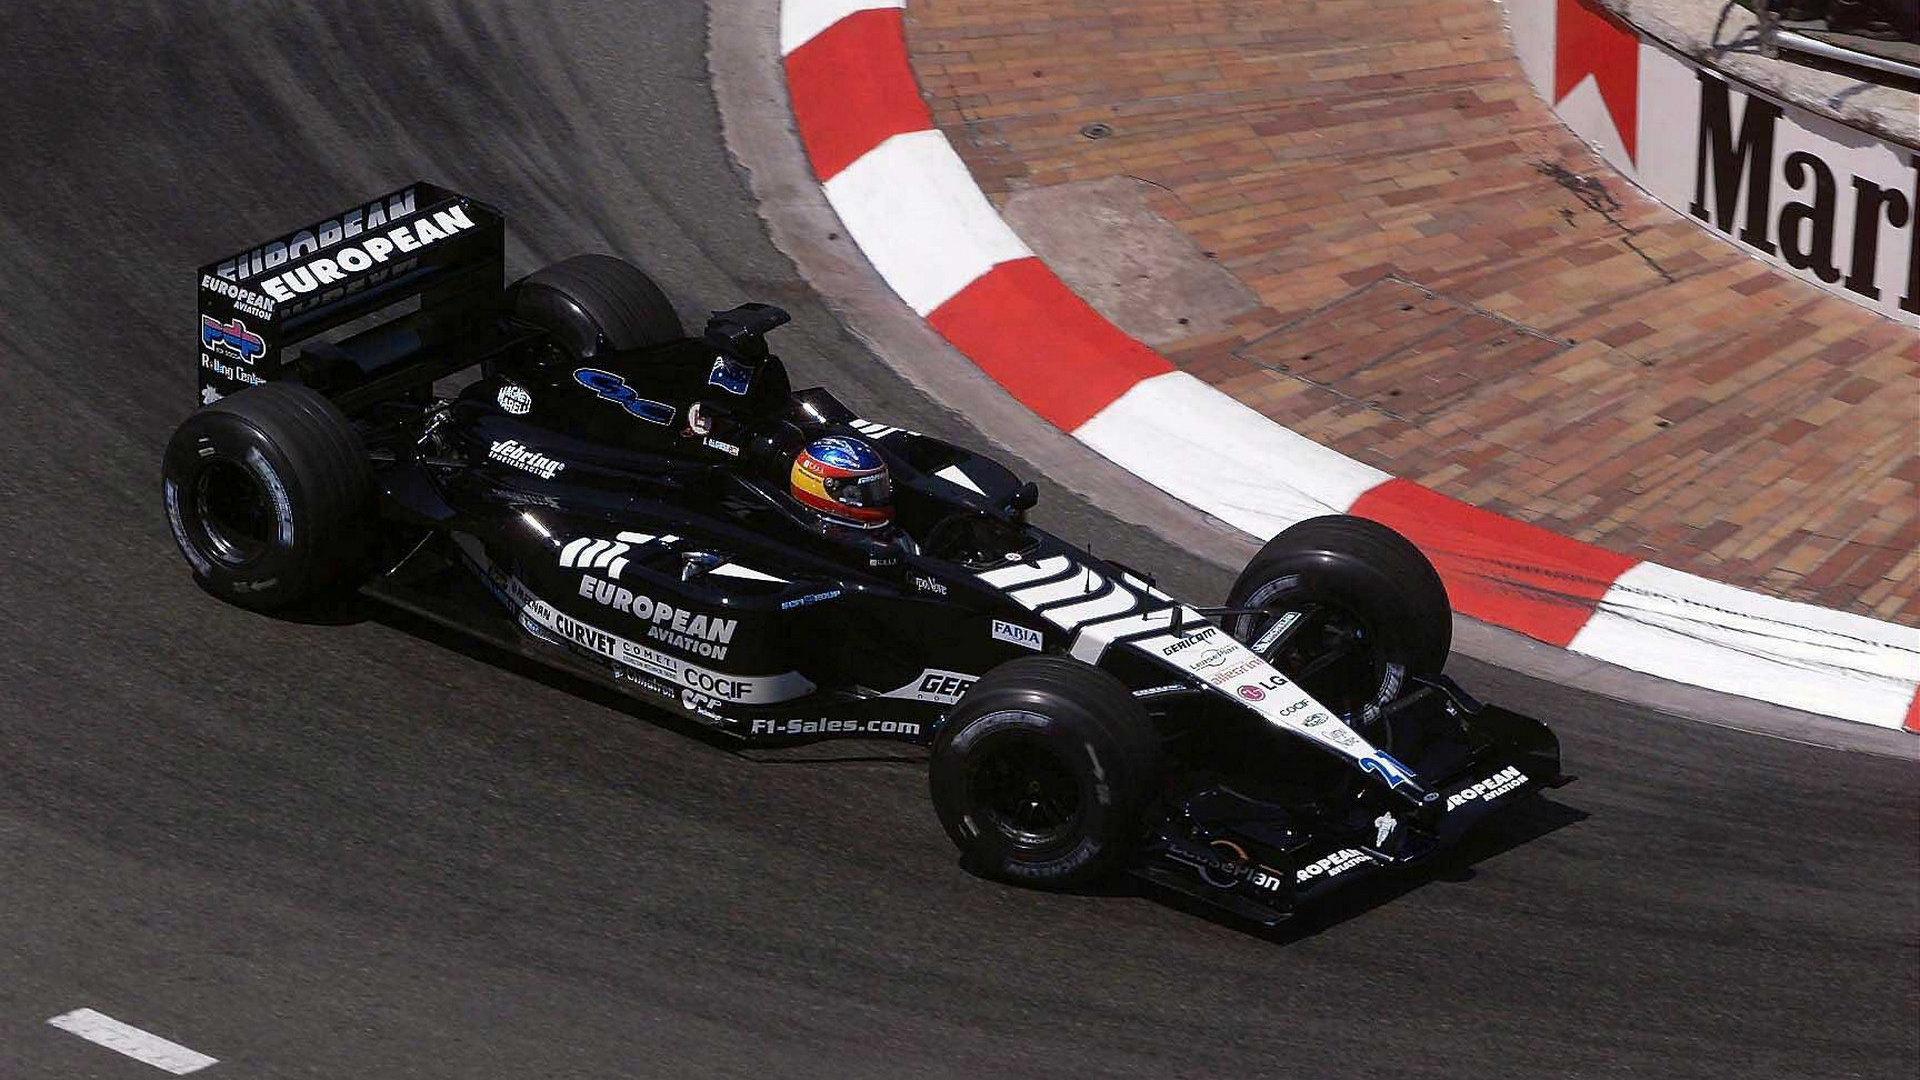 Fernando Alonso GP Mónaco 2001